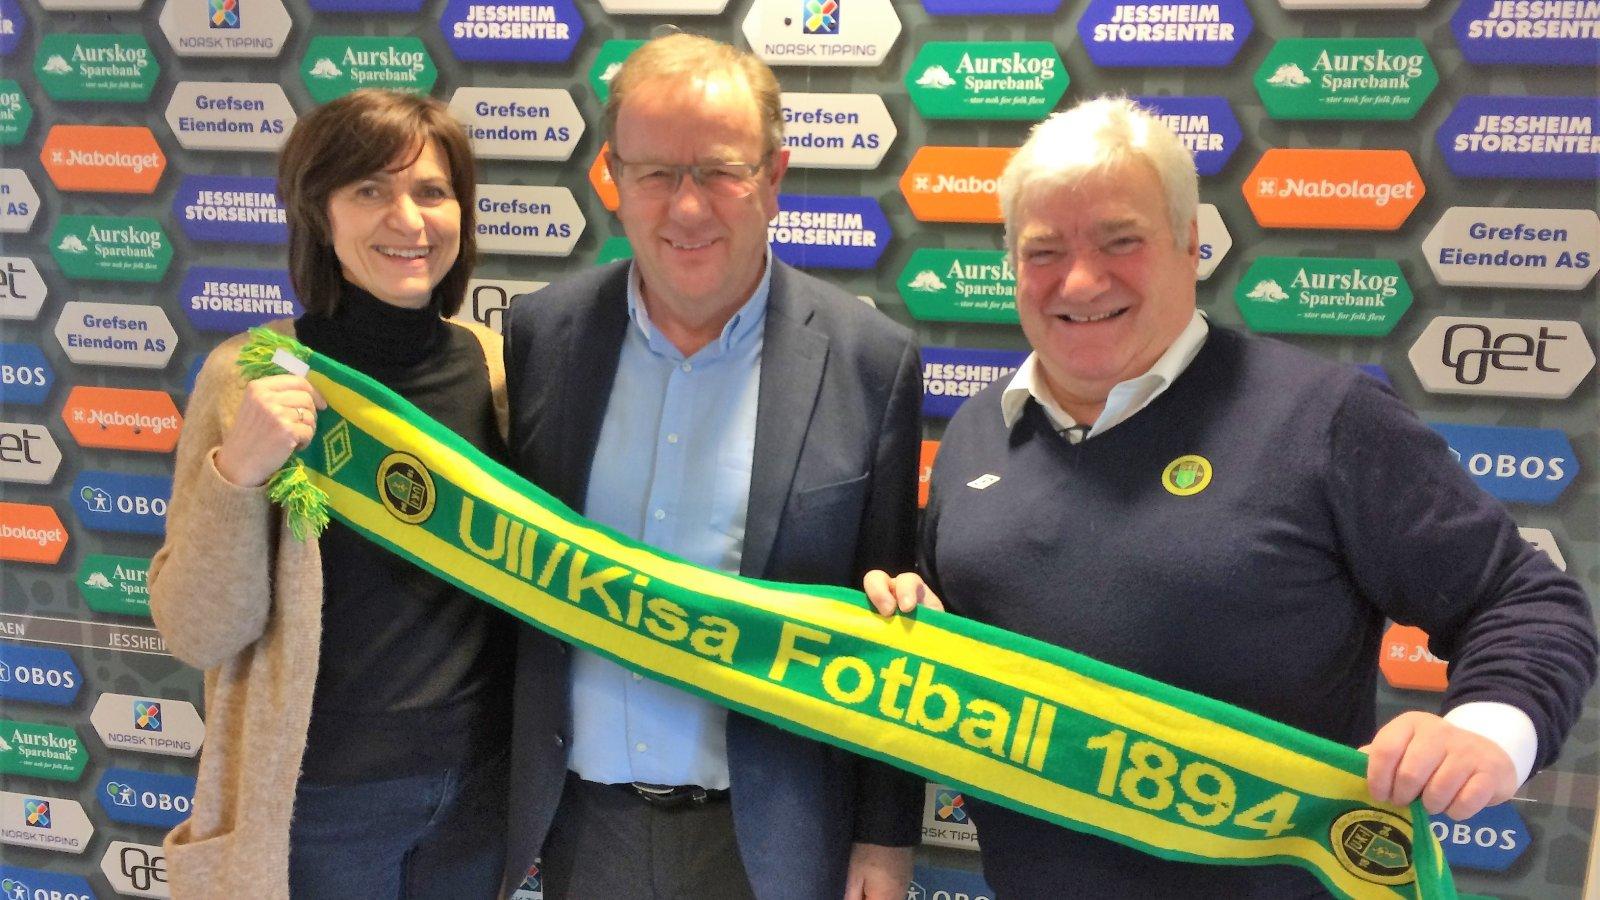 Lise Lotte Bergland er ansatt i Ull/Kisa Fotball. Her sammen med Trond Ivar Johansen (styreleder) og Cato Strømberg (daglig leder).